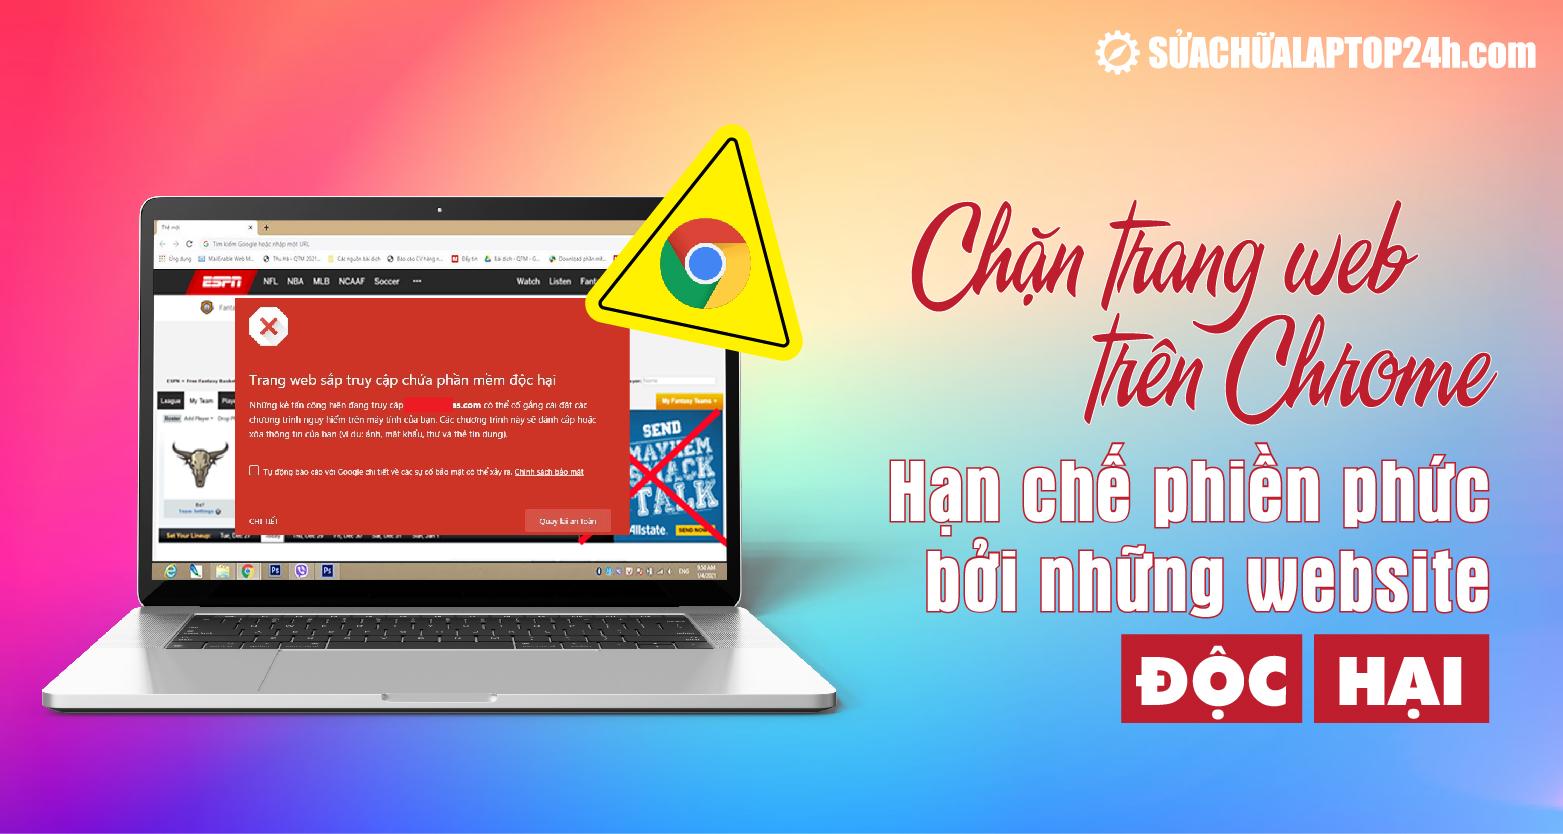 Hướng dẫn chặn trang trên Chrome